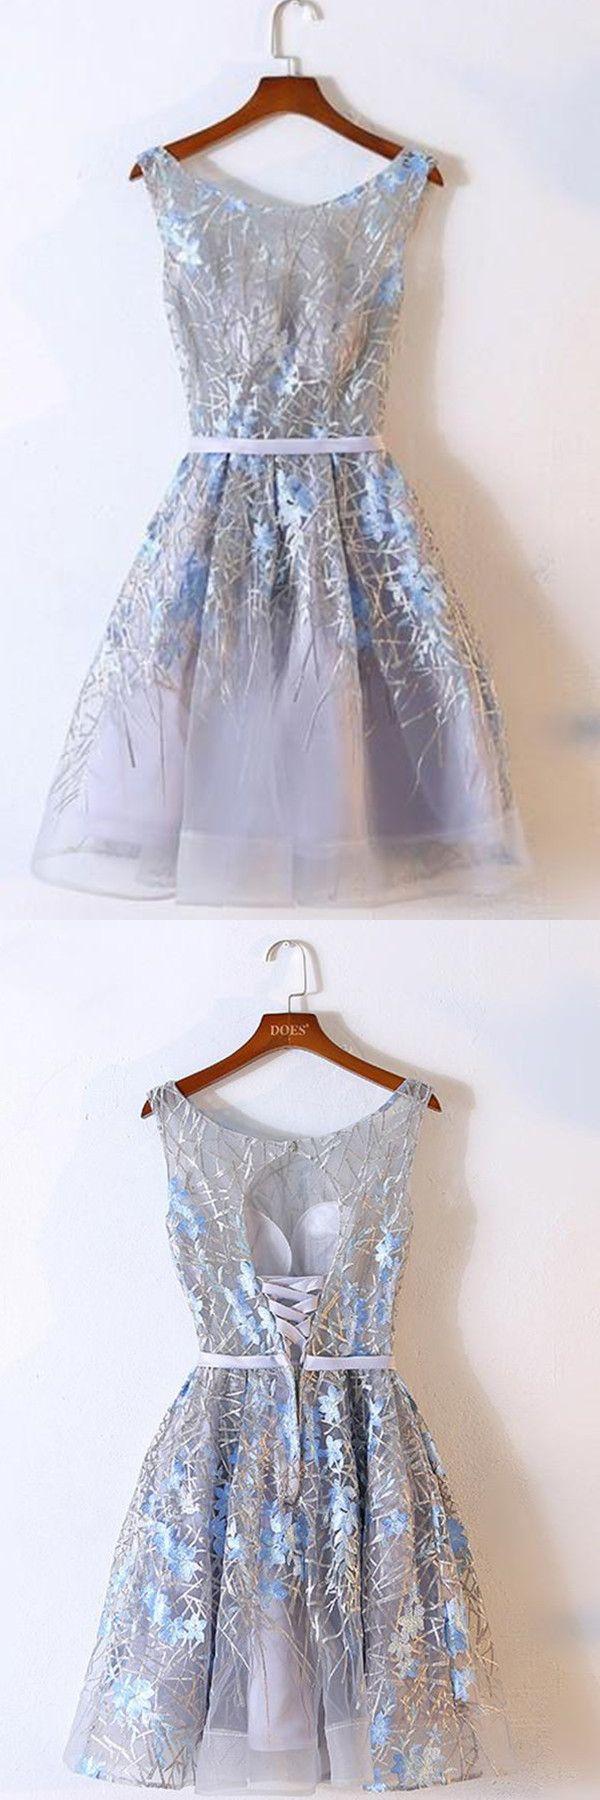 زفاف - A-Line Scoop Above-Knee Grey Organza Homecoming Dress With Embroidery TR0203